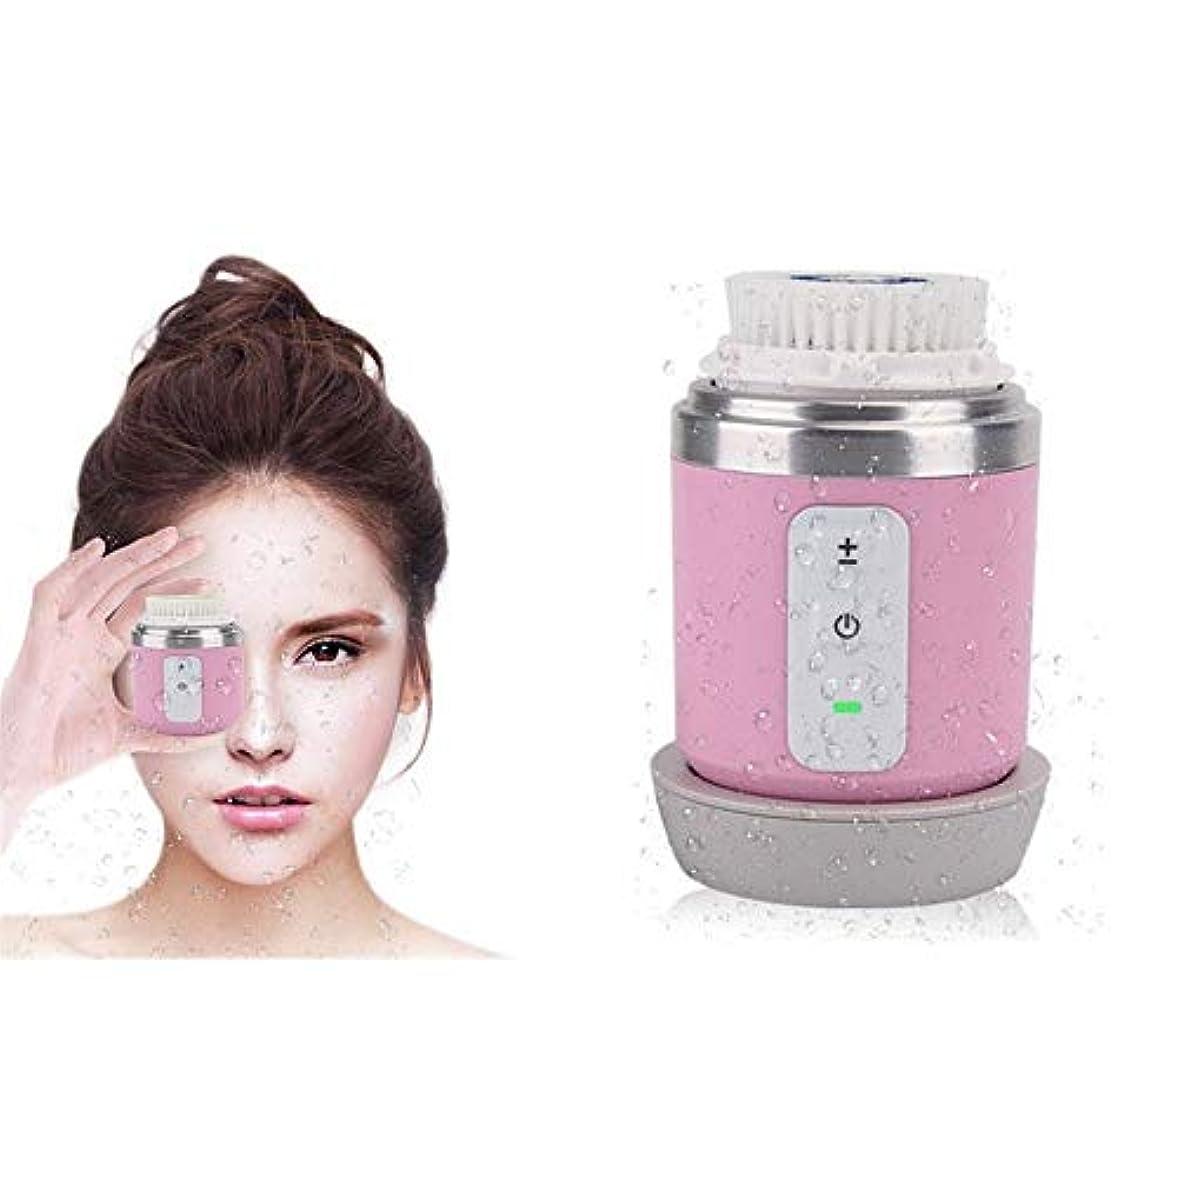 敬な多様体経過フェイシャル?クレンザーブラシ、電動洗顔ブラシ、エクスフォリエイティングとブラックヘッドのためにブラックヘッドシリコーン美容インストゥルメントアプライアンスに防水クレンジング器振動クリーナー毛穴